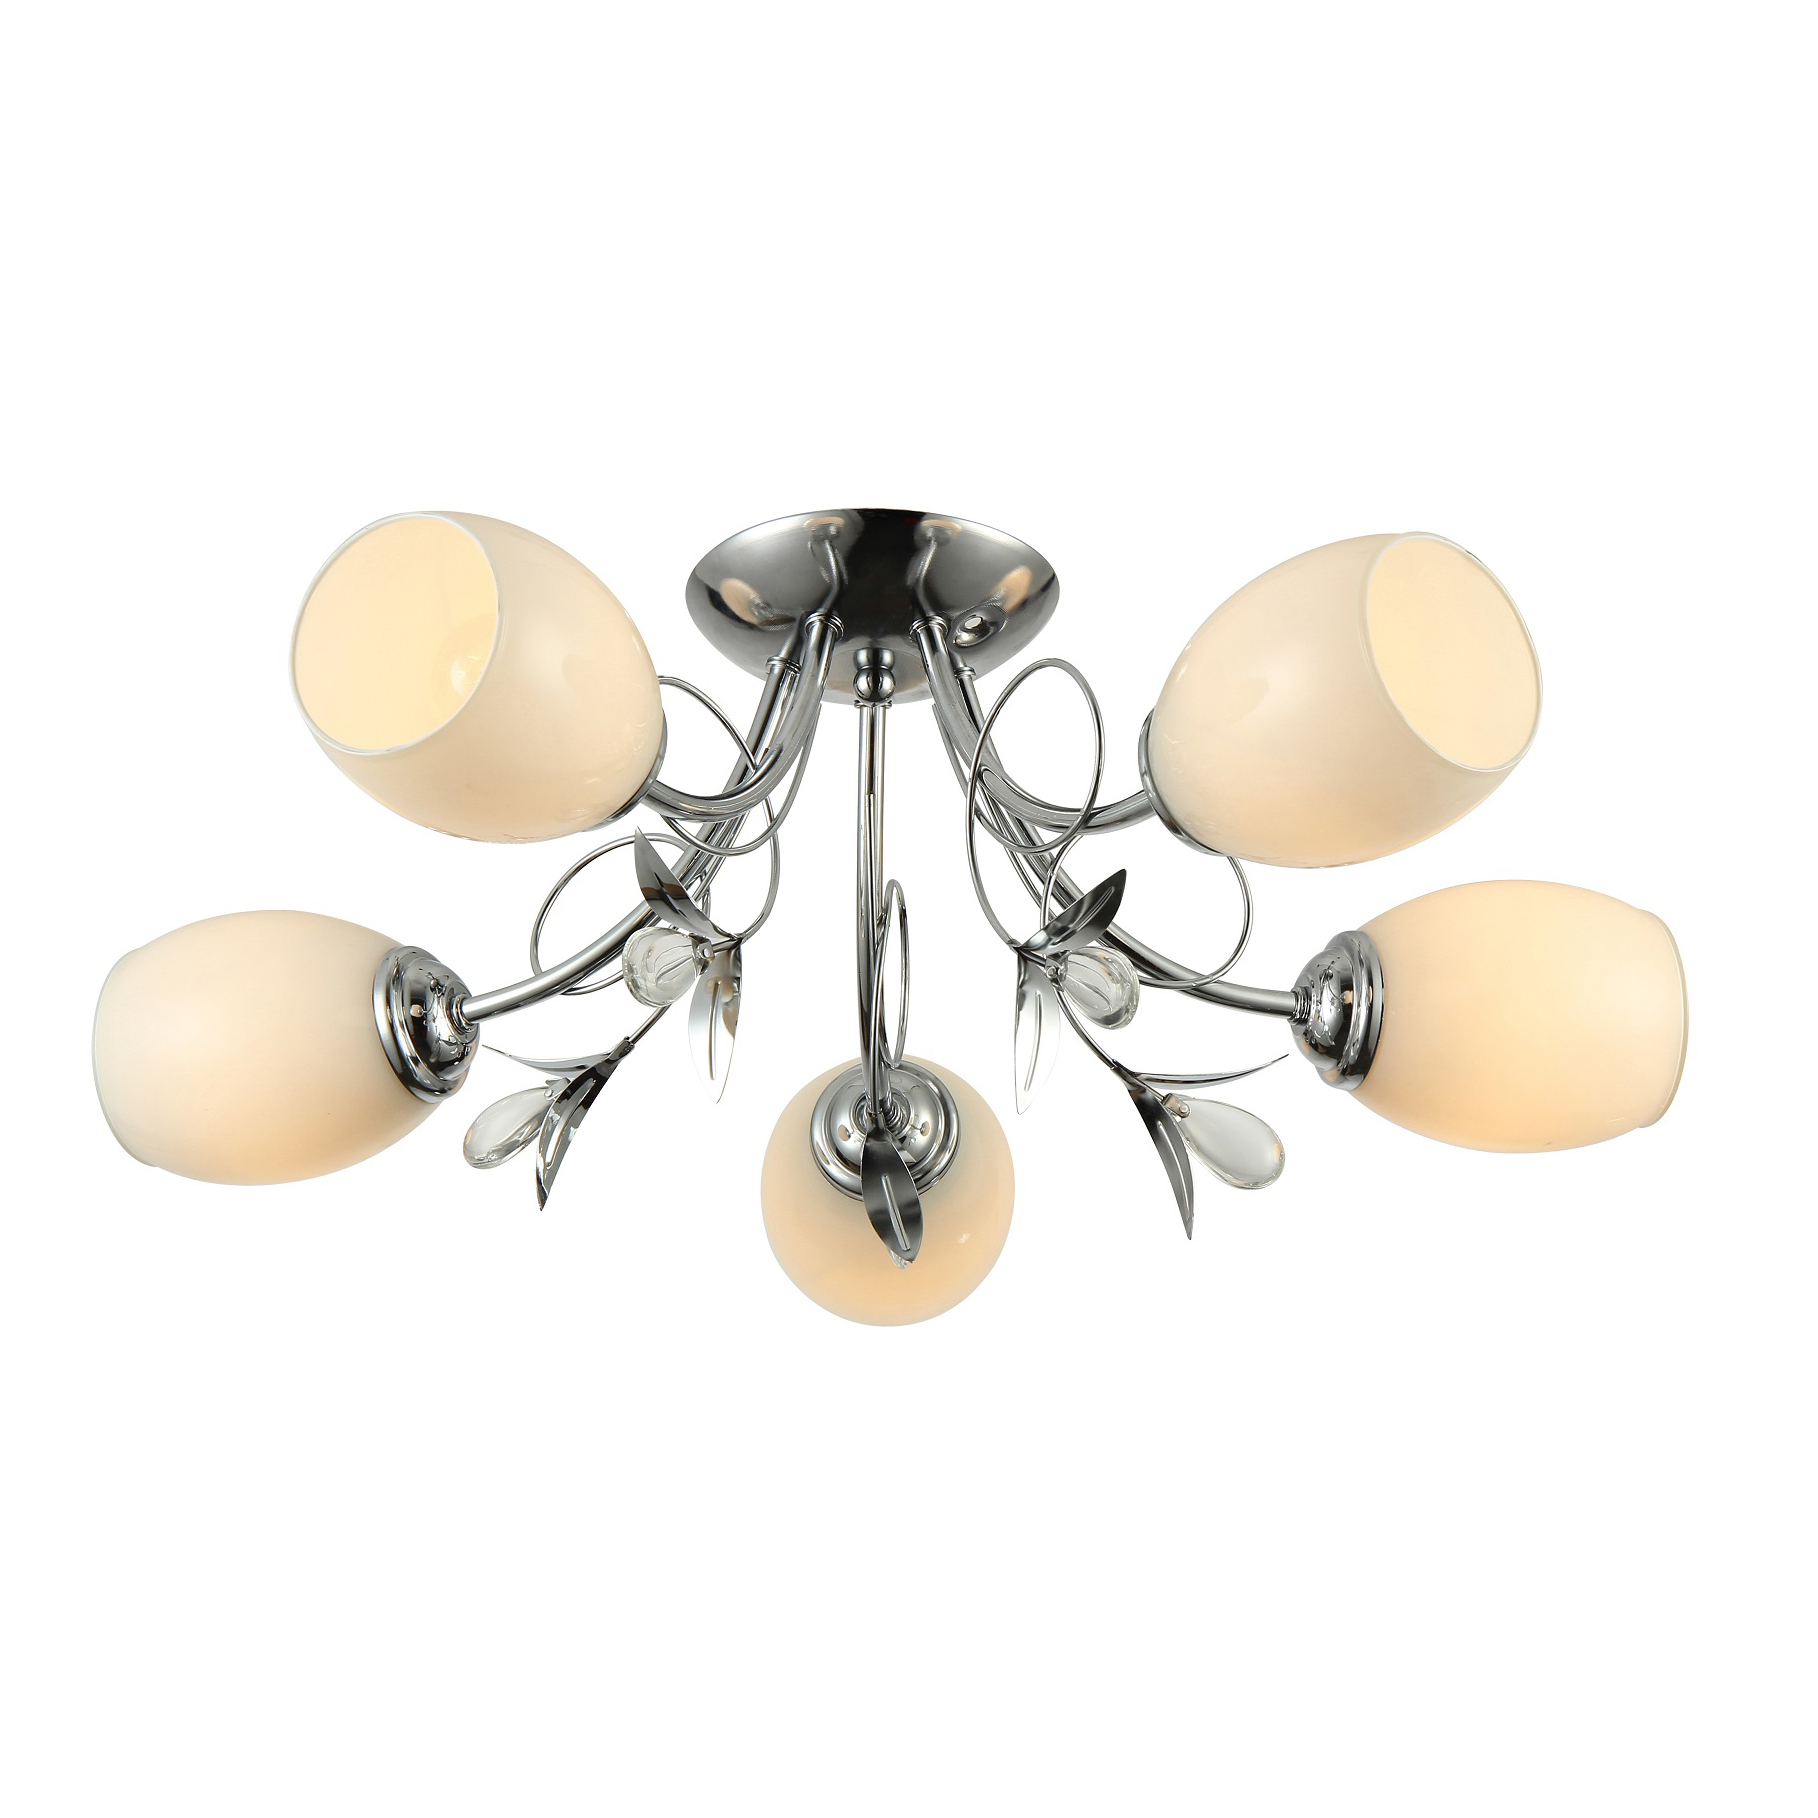 Люстра потолочная J-light OLI 1118/5C E27*5*60W хром/белый люстра потолочная j light genry 1275 5c e14 5 60w кофе золото белый